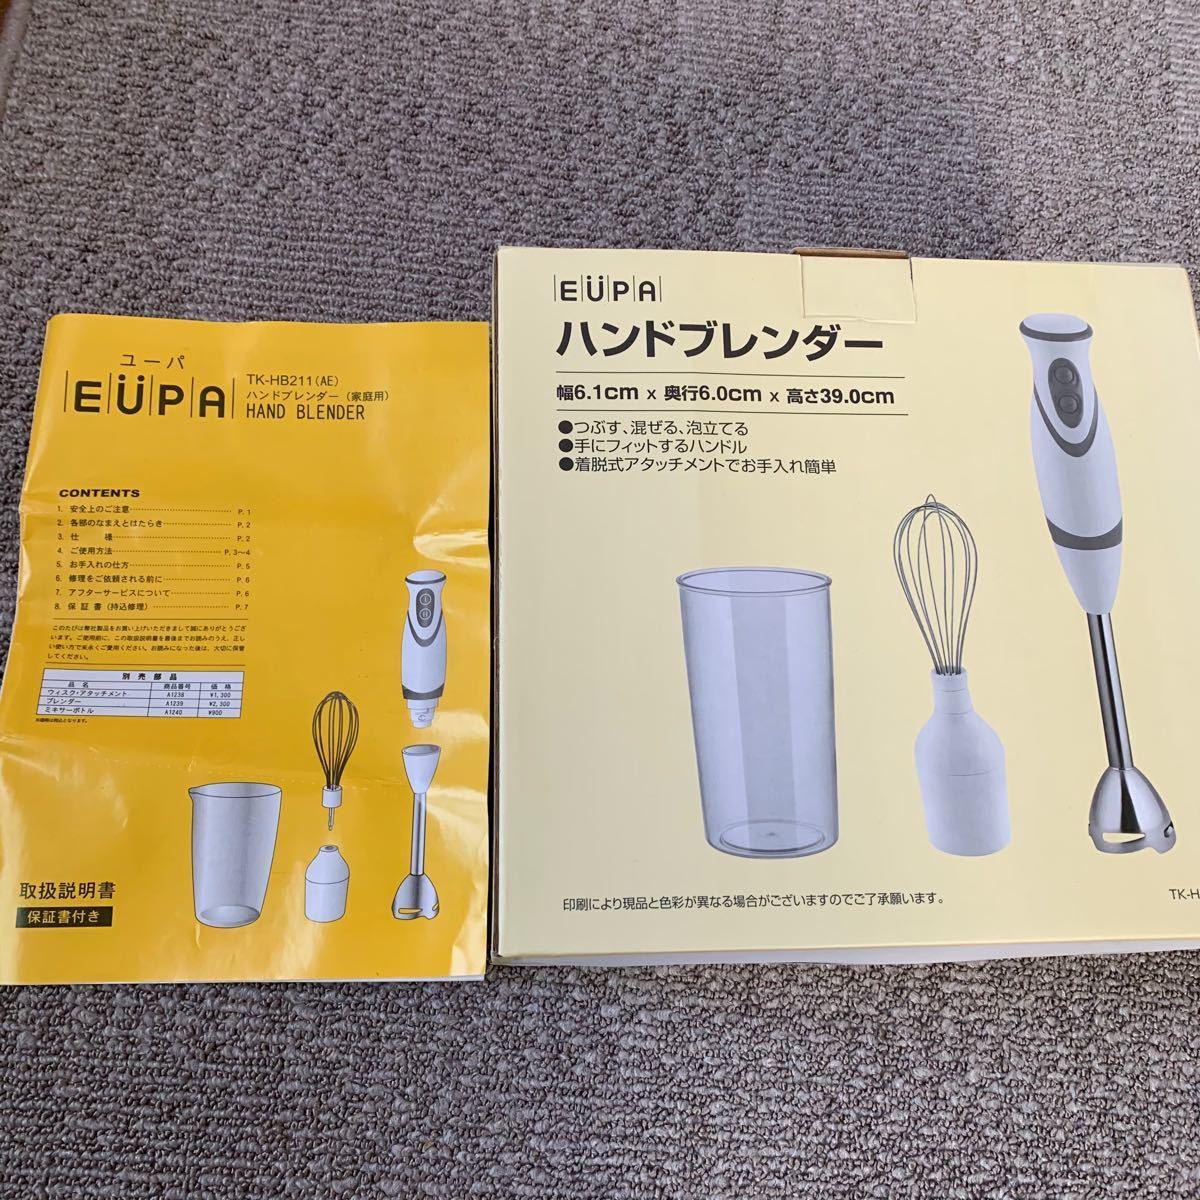 【EUPA】ハンドブレンダー